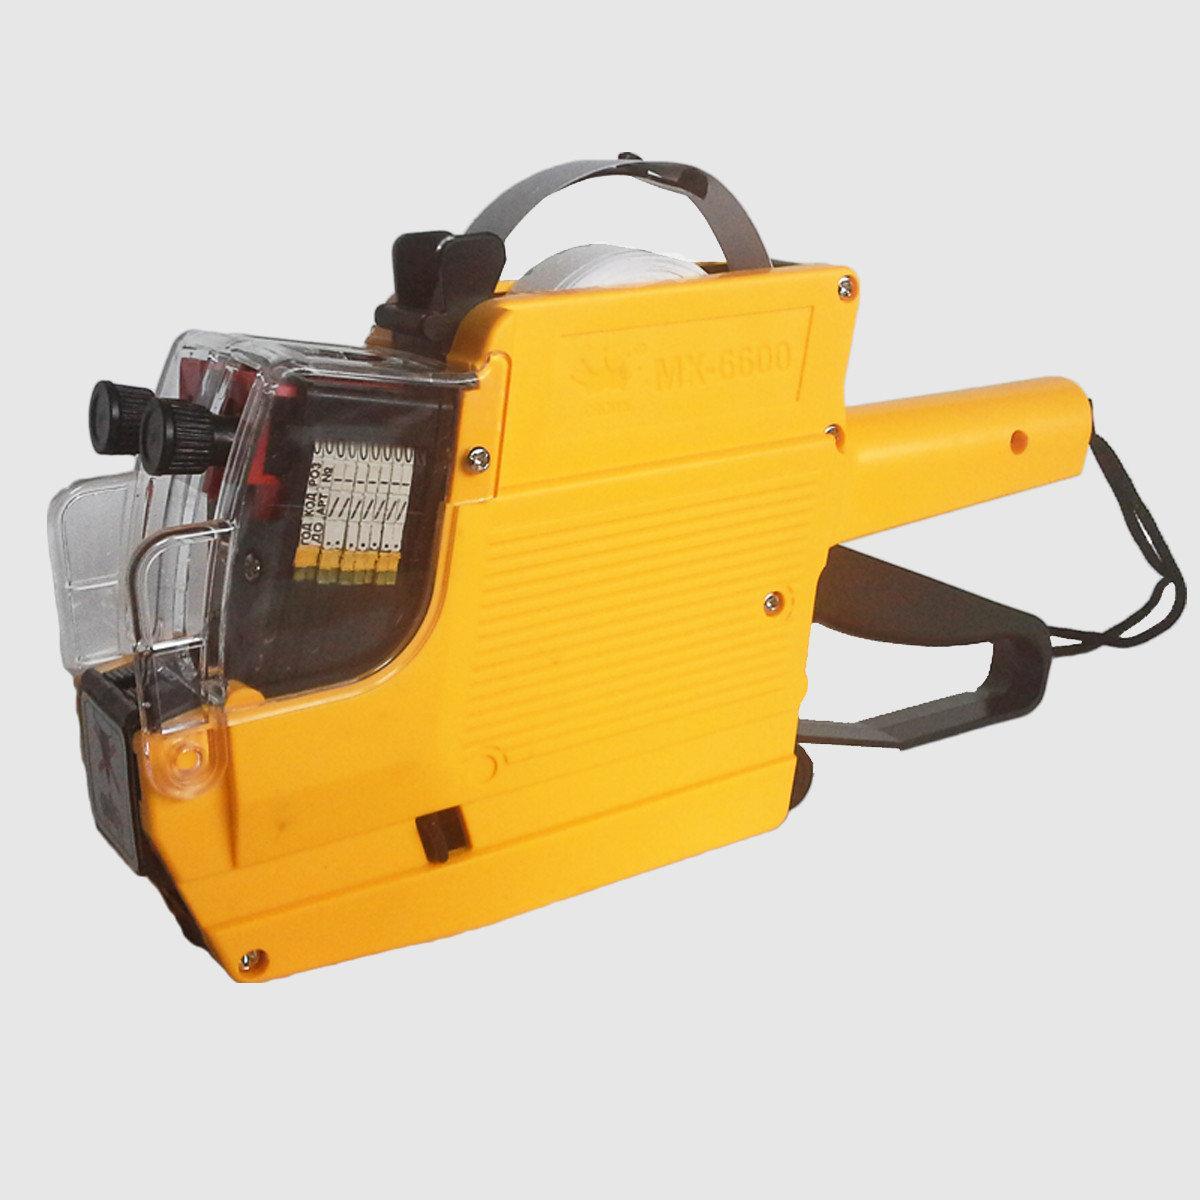 Этикет- пистолет нумератор МХ - 6600 для ценников